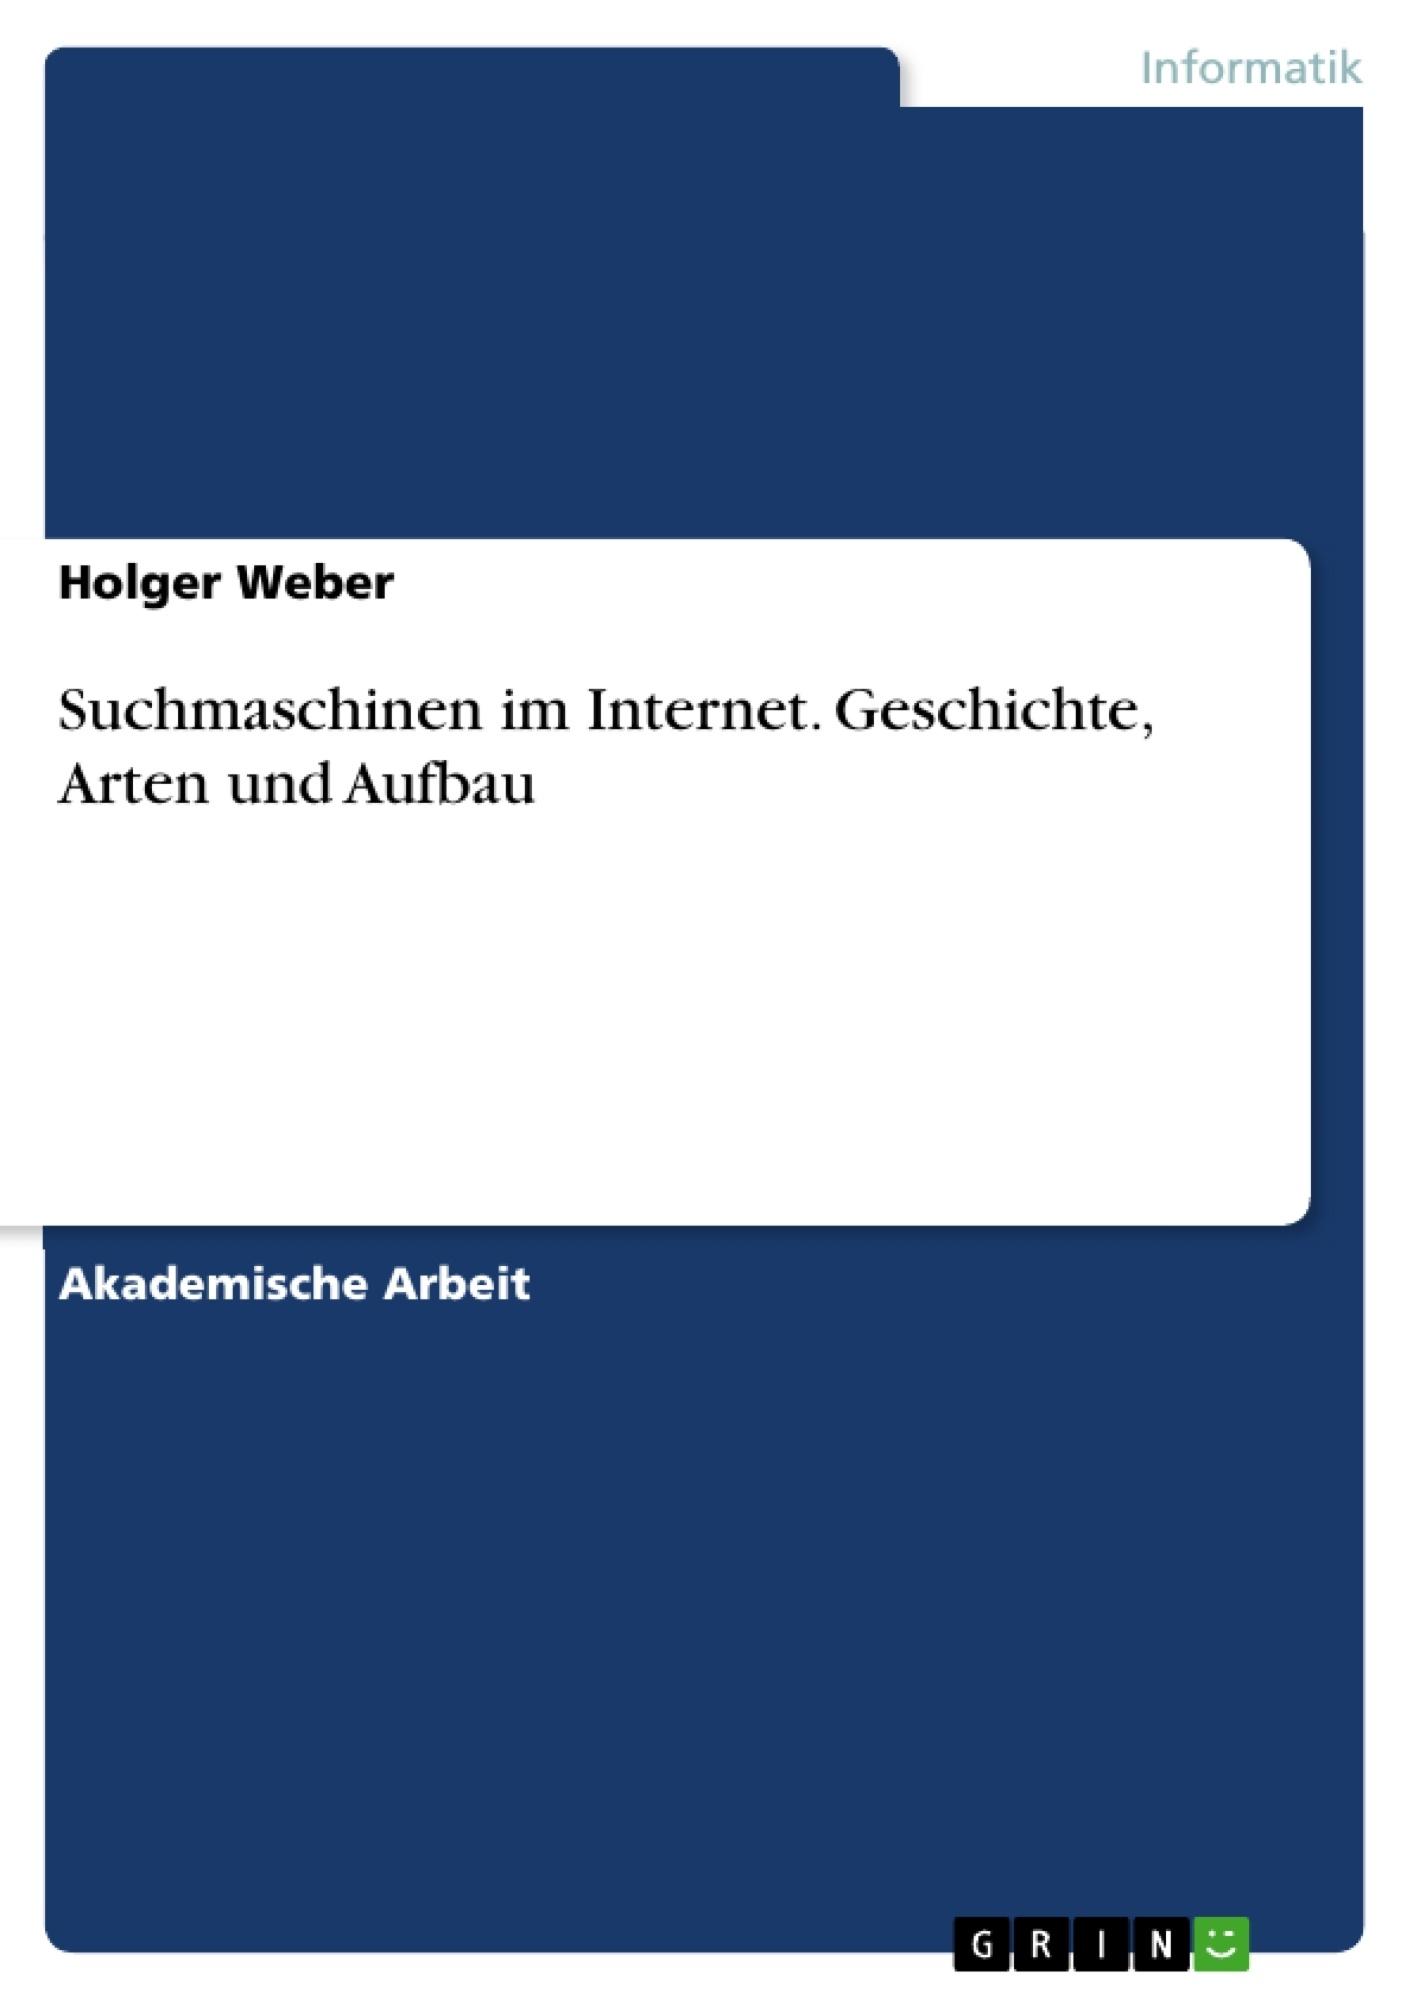 Titel: Suchmaschinen im Internet. Geschichte, Arten und Aufbau